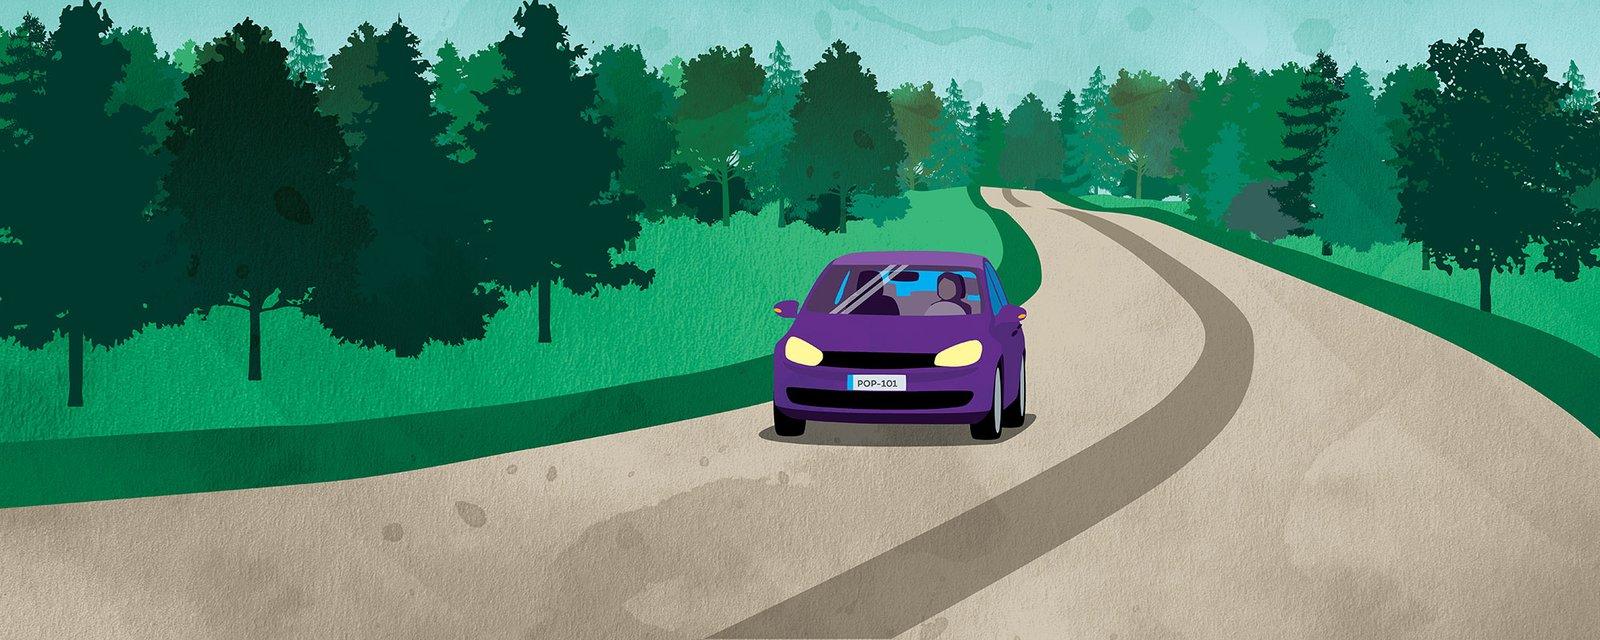 Auto maantiellä, kuvituskuva.